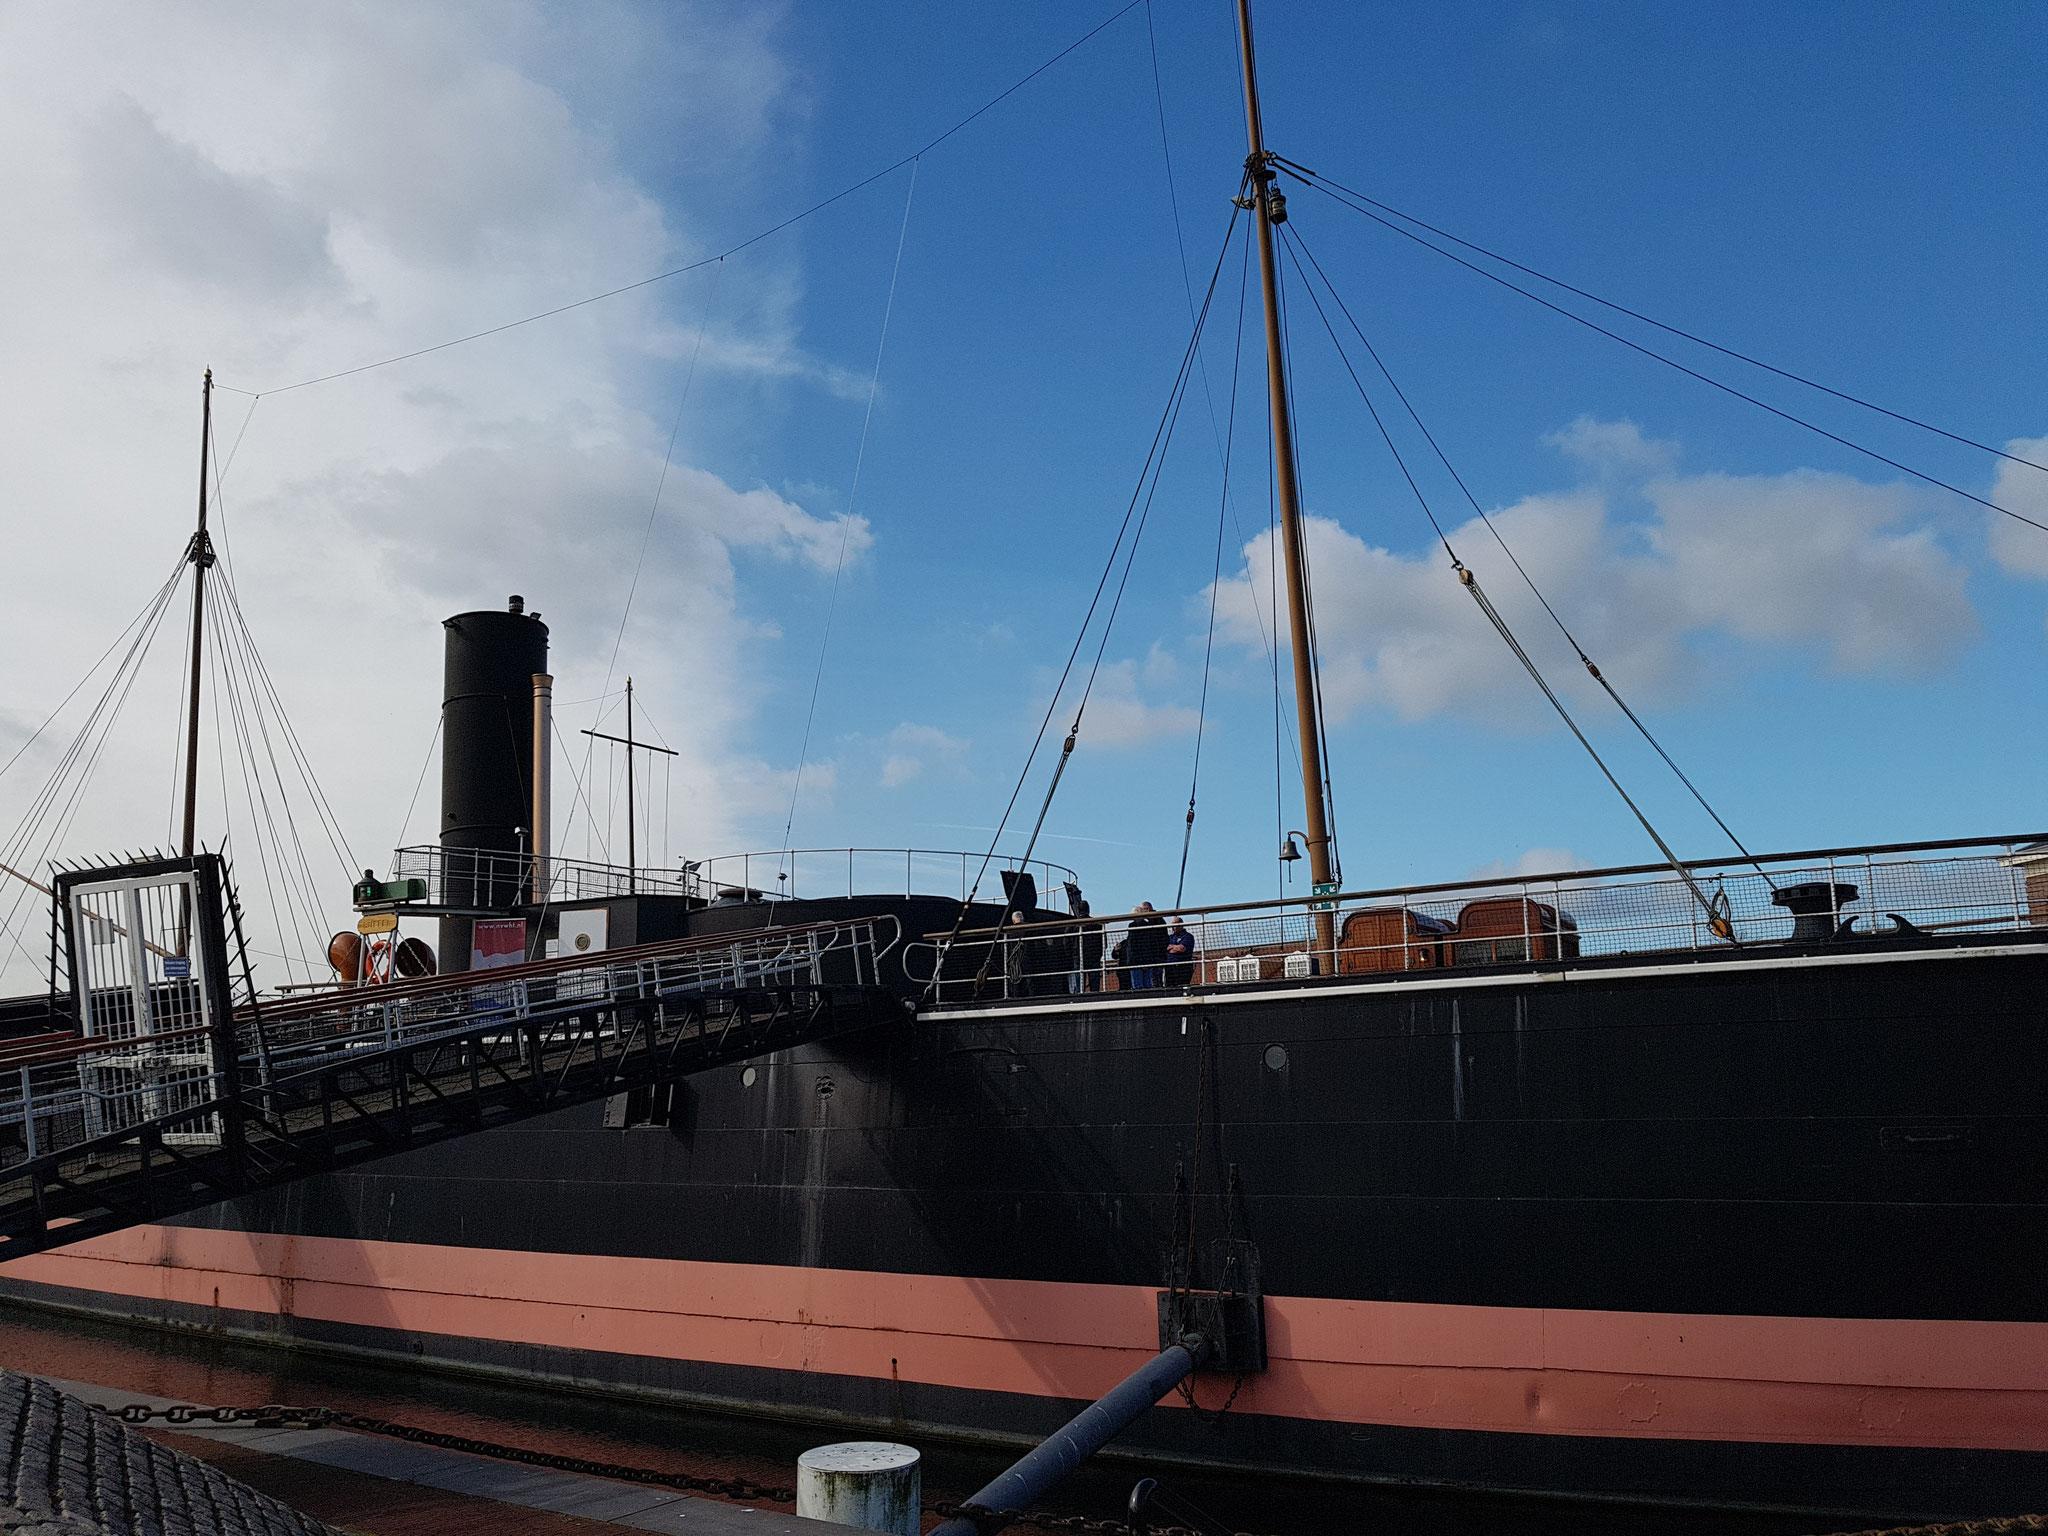 Opleidingschip van de Nederlandse marine in Hellevoetsluis